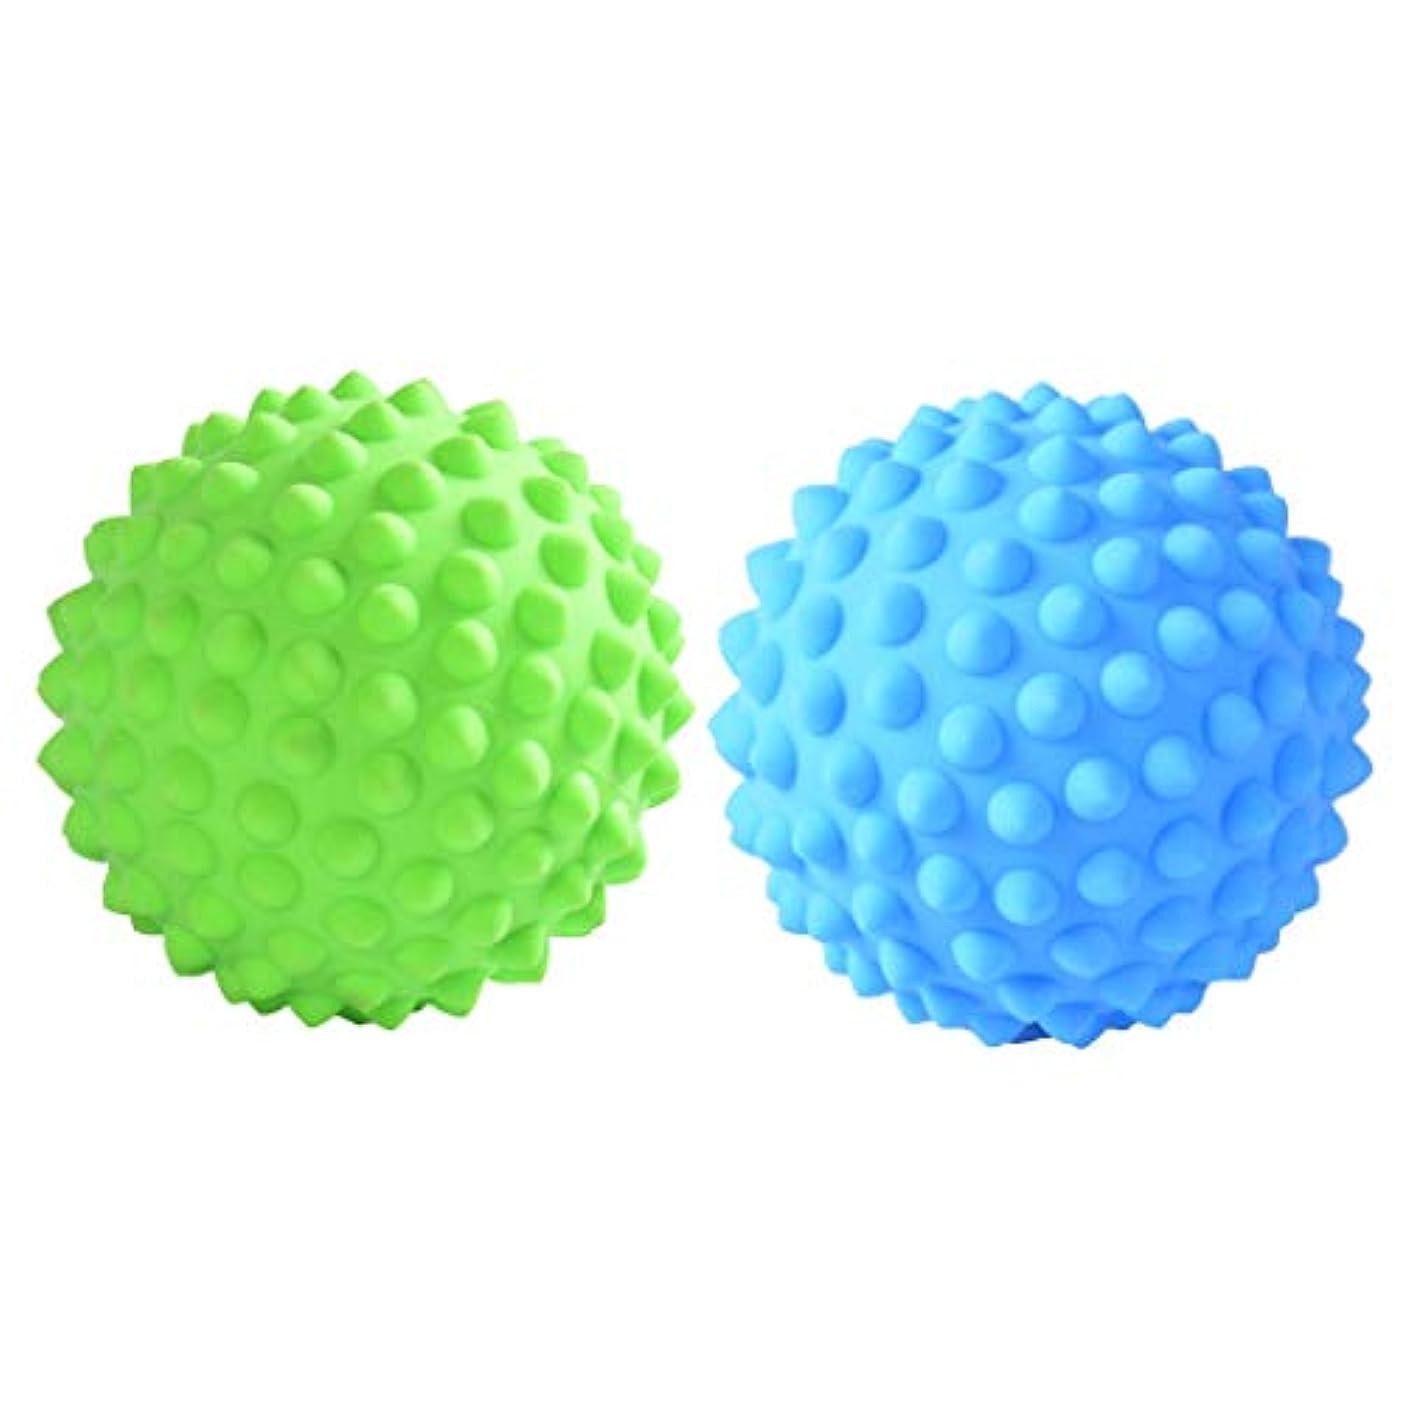 ジェームズダイソンバルコニー勃起マッサージローラーボール 指圧ボール PVC トリガーポイント 筋膜 疲労軽減 健康的 2個入